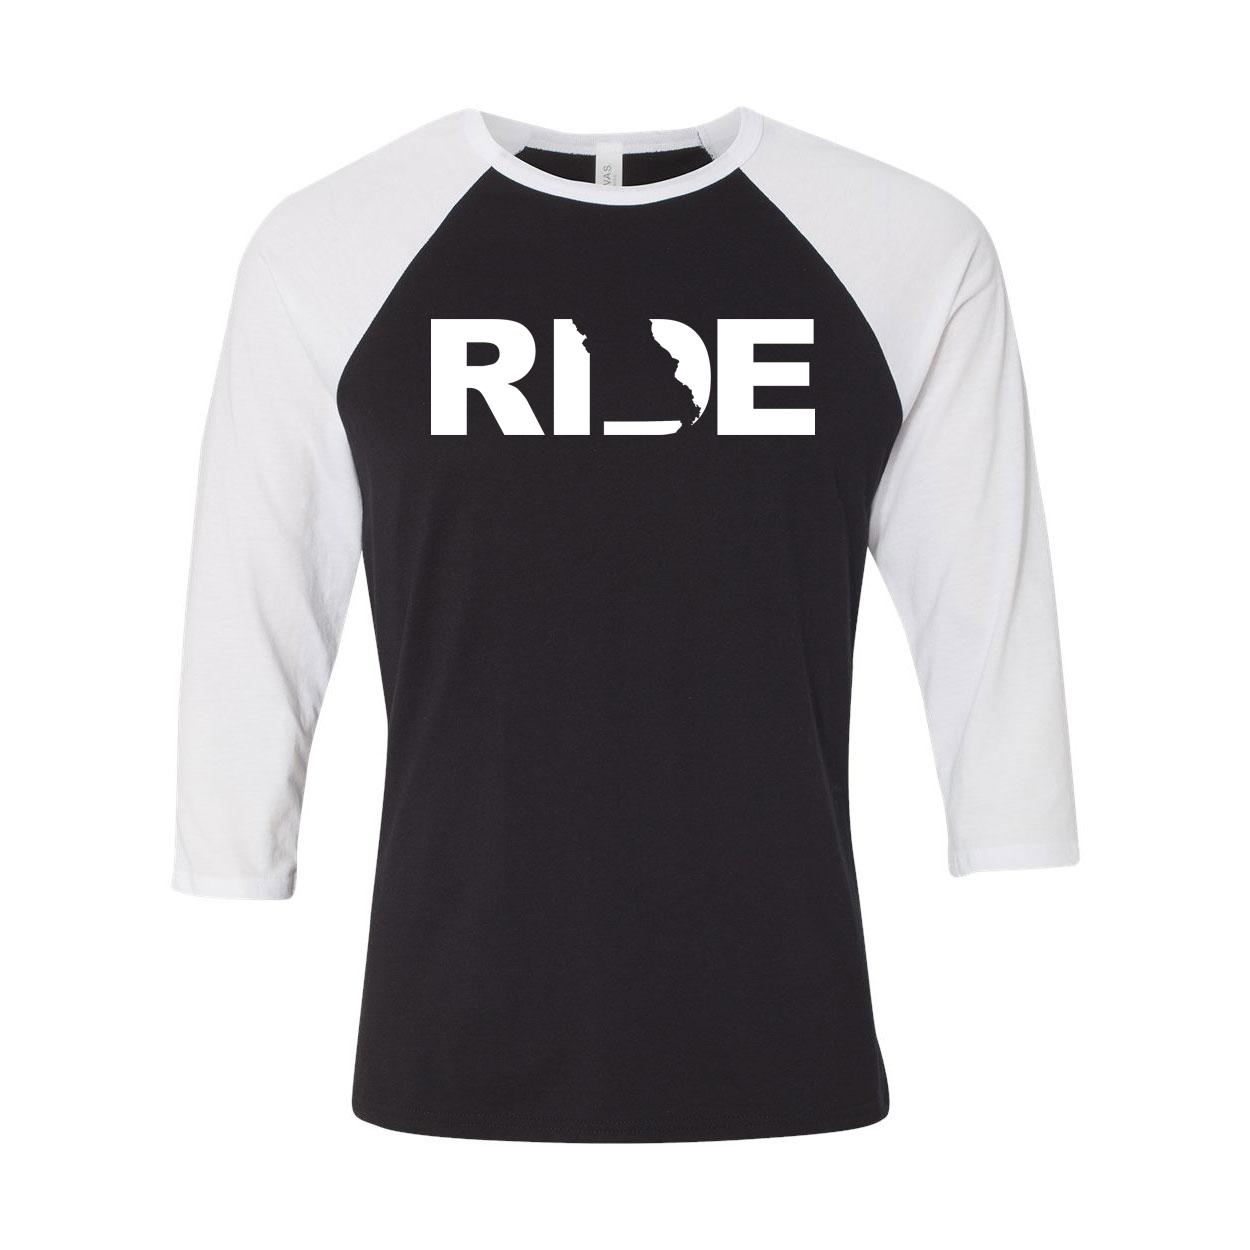 Ride Missouri Classic Raglan Shirt Black/White (White Logo)